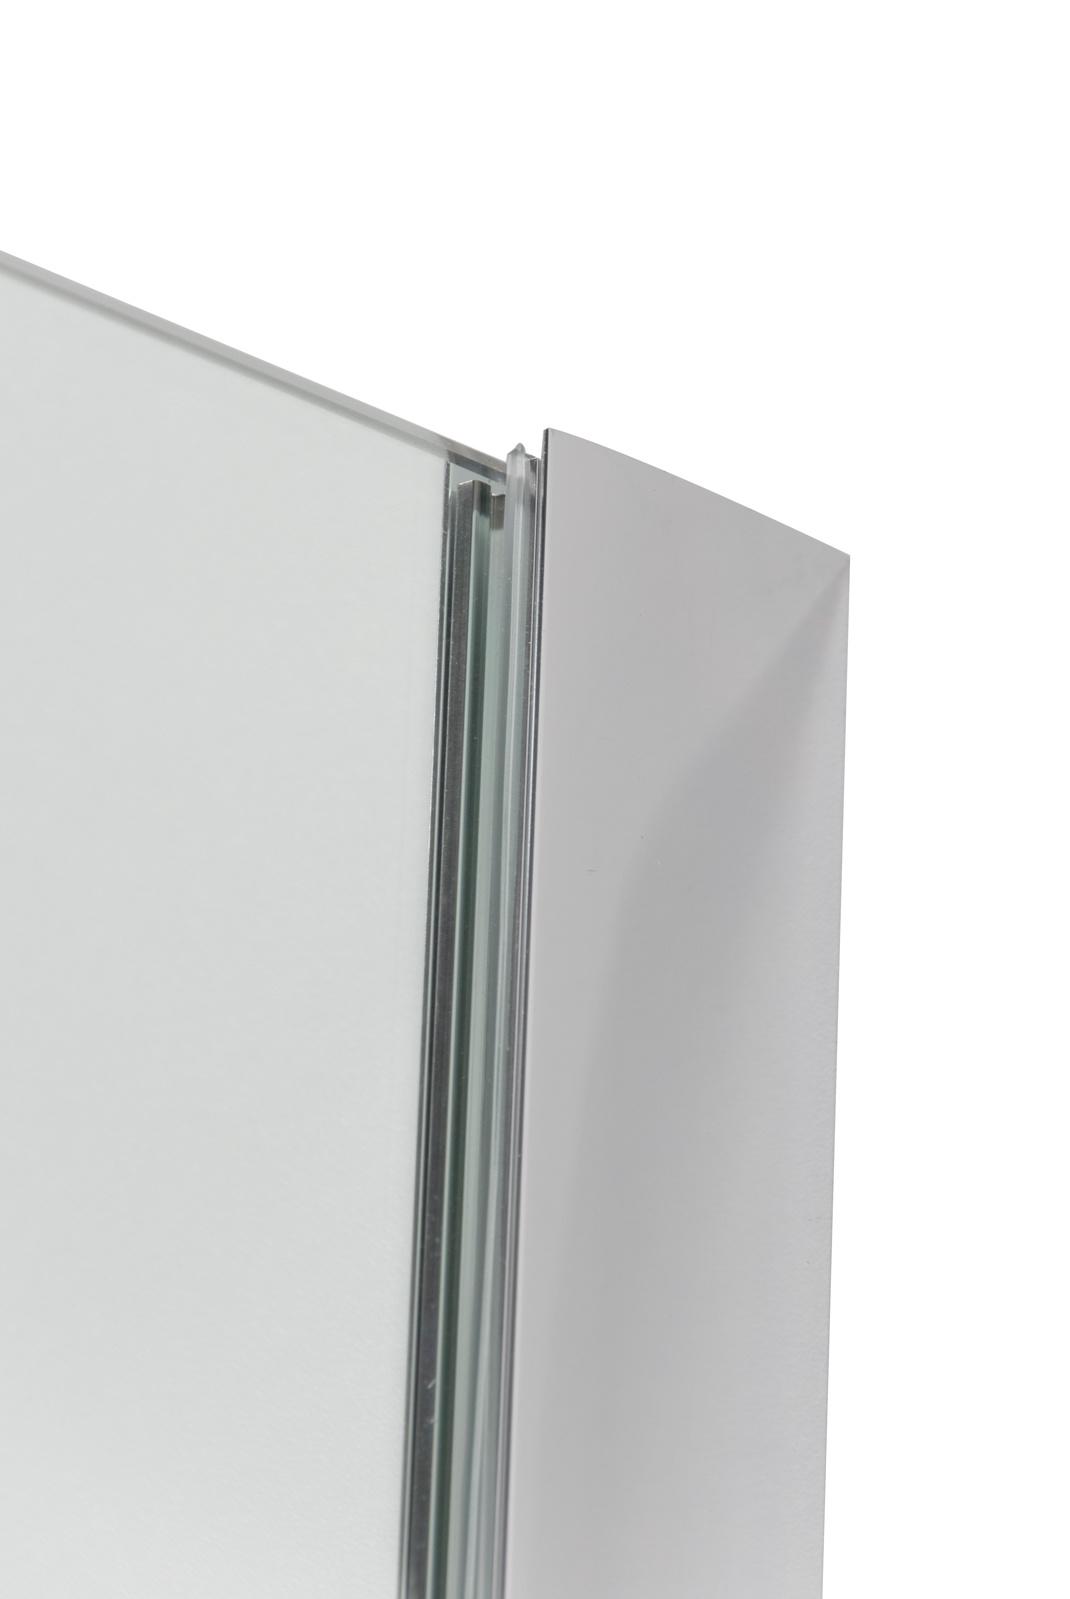 Linea Uno Inloopdouche Linea Uno 100 x 200 cm